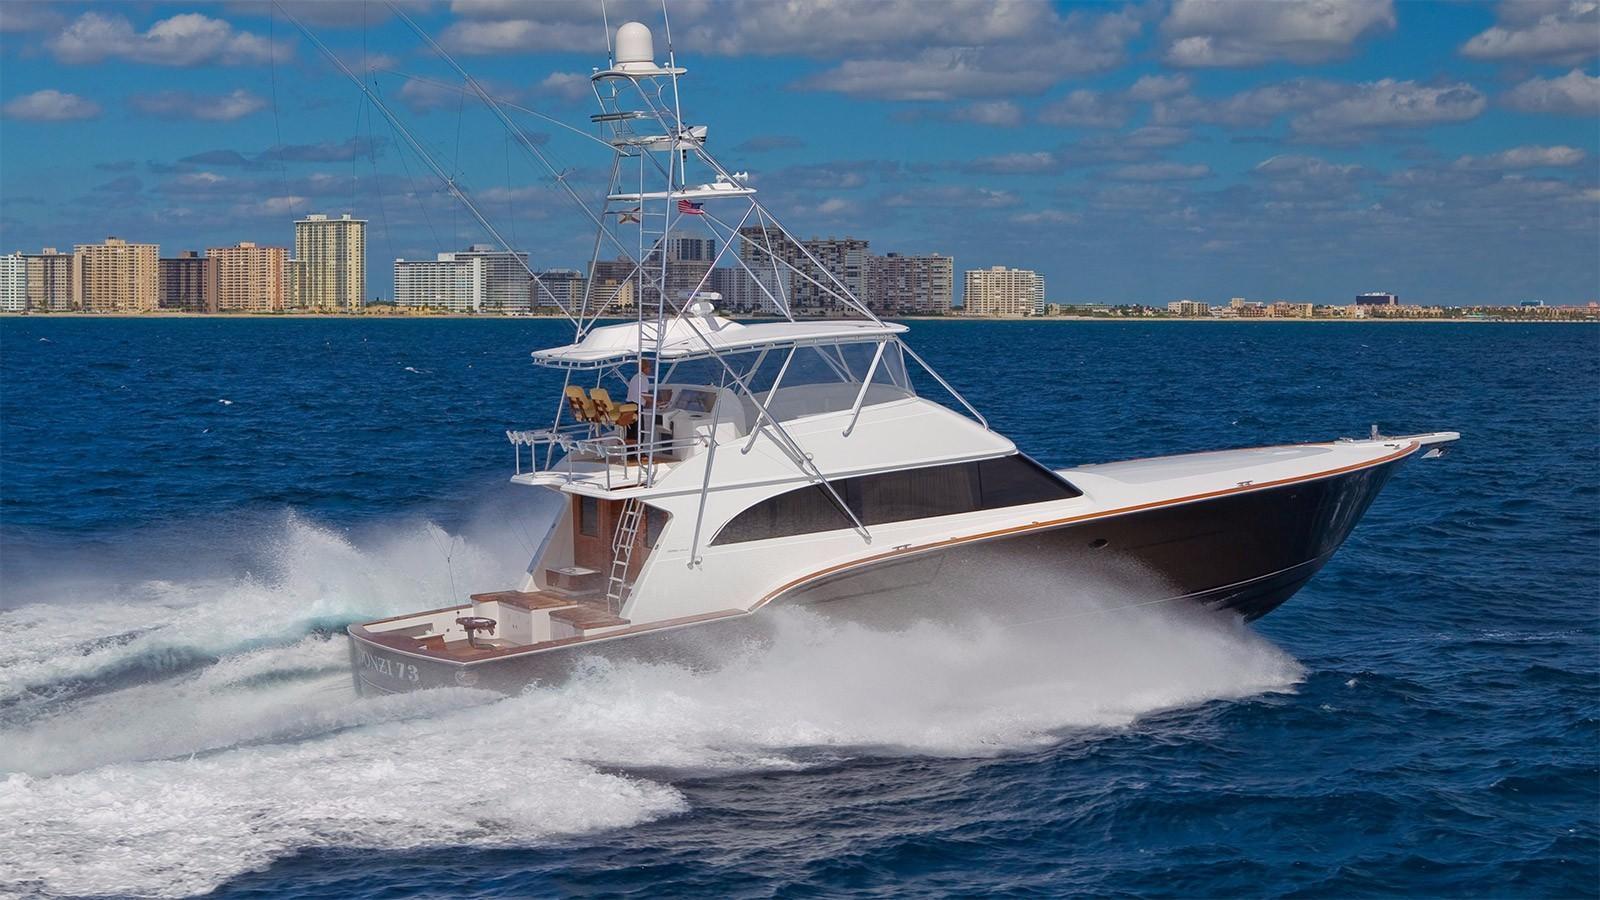 2010 Donzi Tournament Sportfish Power Boat For Sale Www